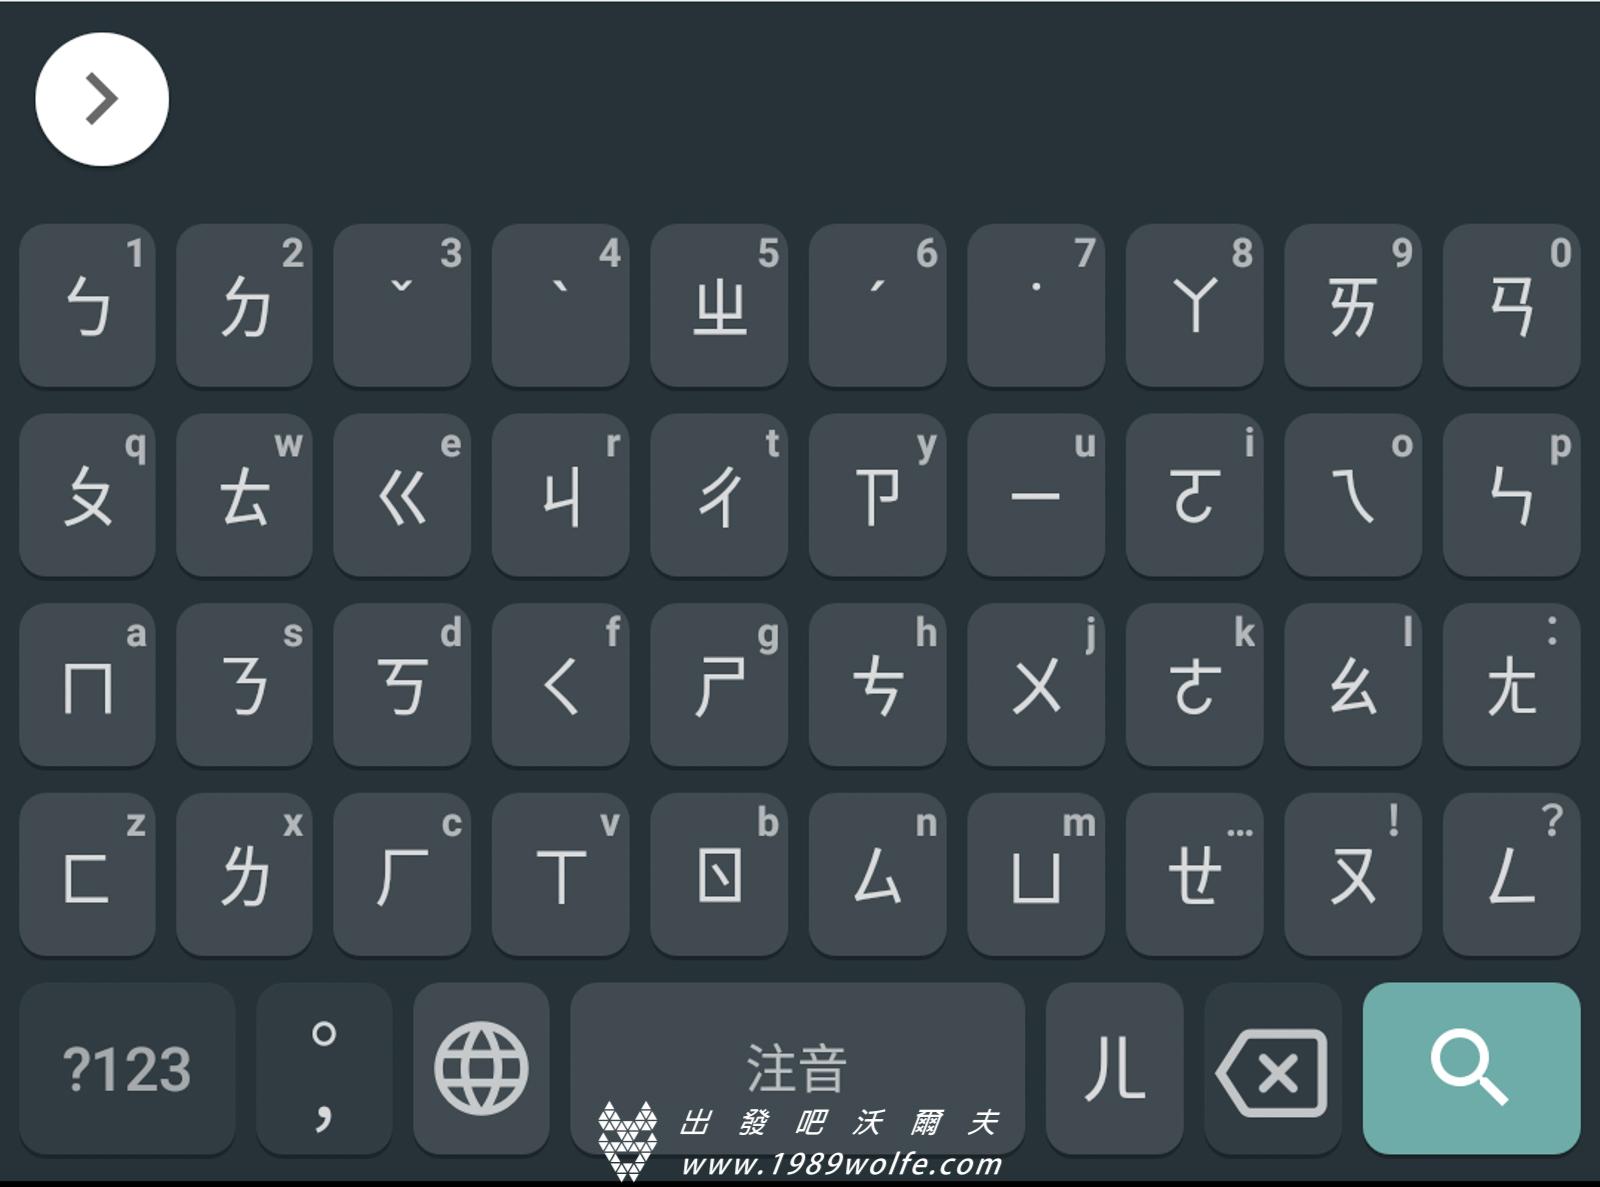 改造 Google Board 鍵盤成為華碩 Zen UI 鍵盤 & 輸入法 - 出發吧! 沃爾夫.